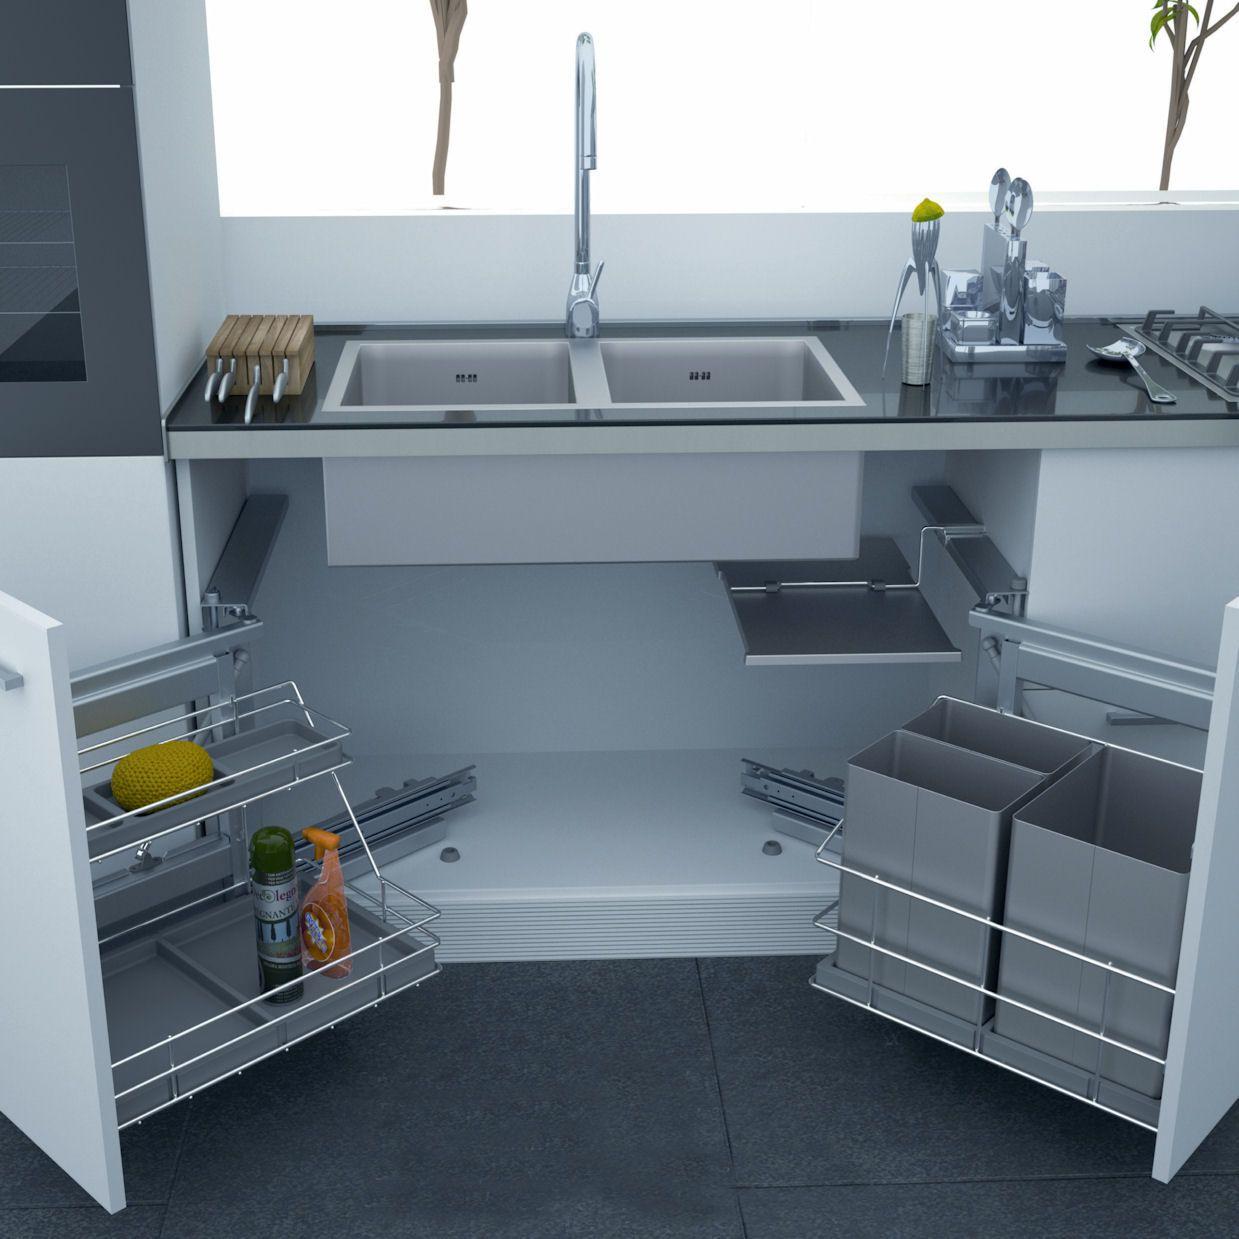 Www Drawerslides Com Küchenmöbel Deko Tisch Küche